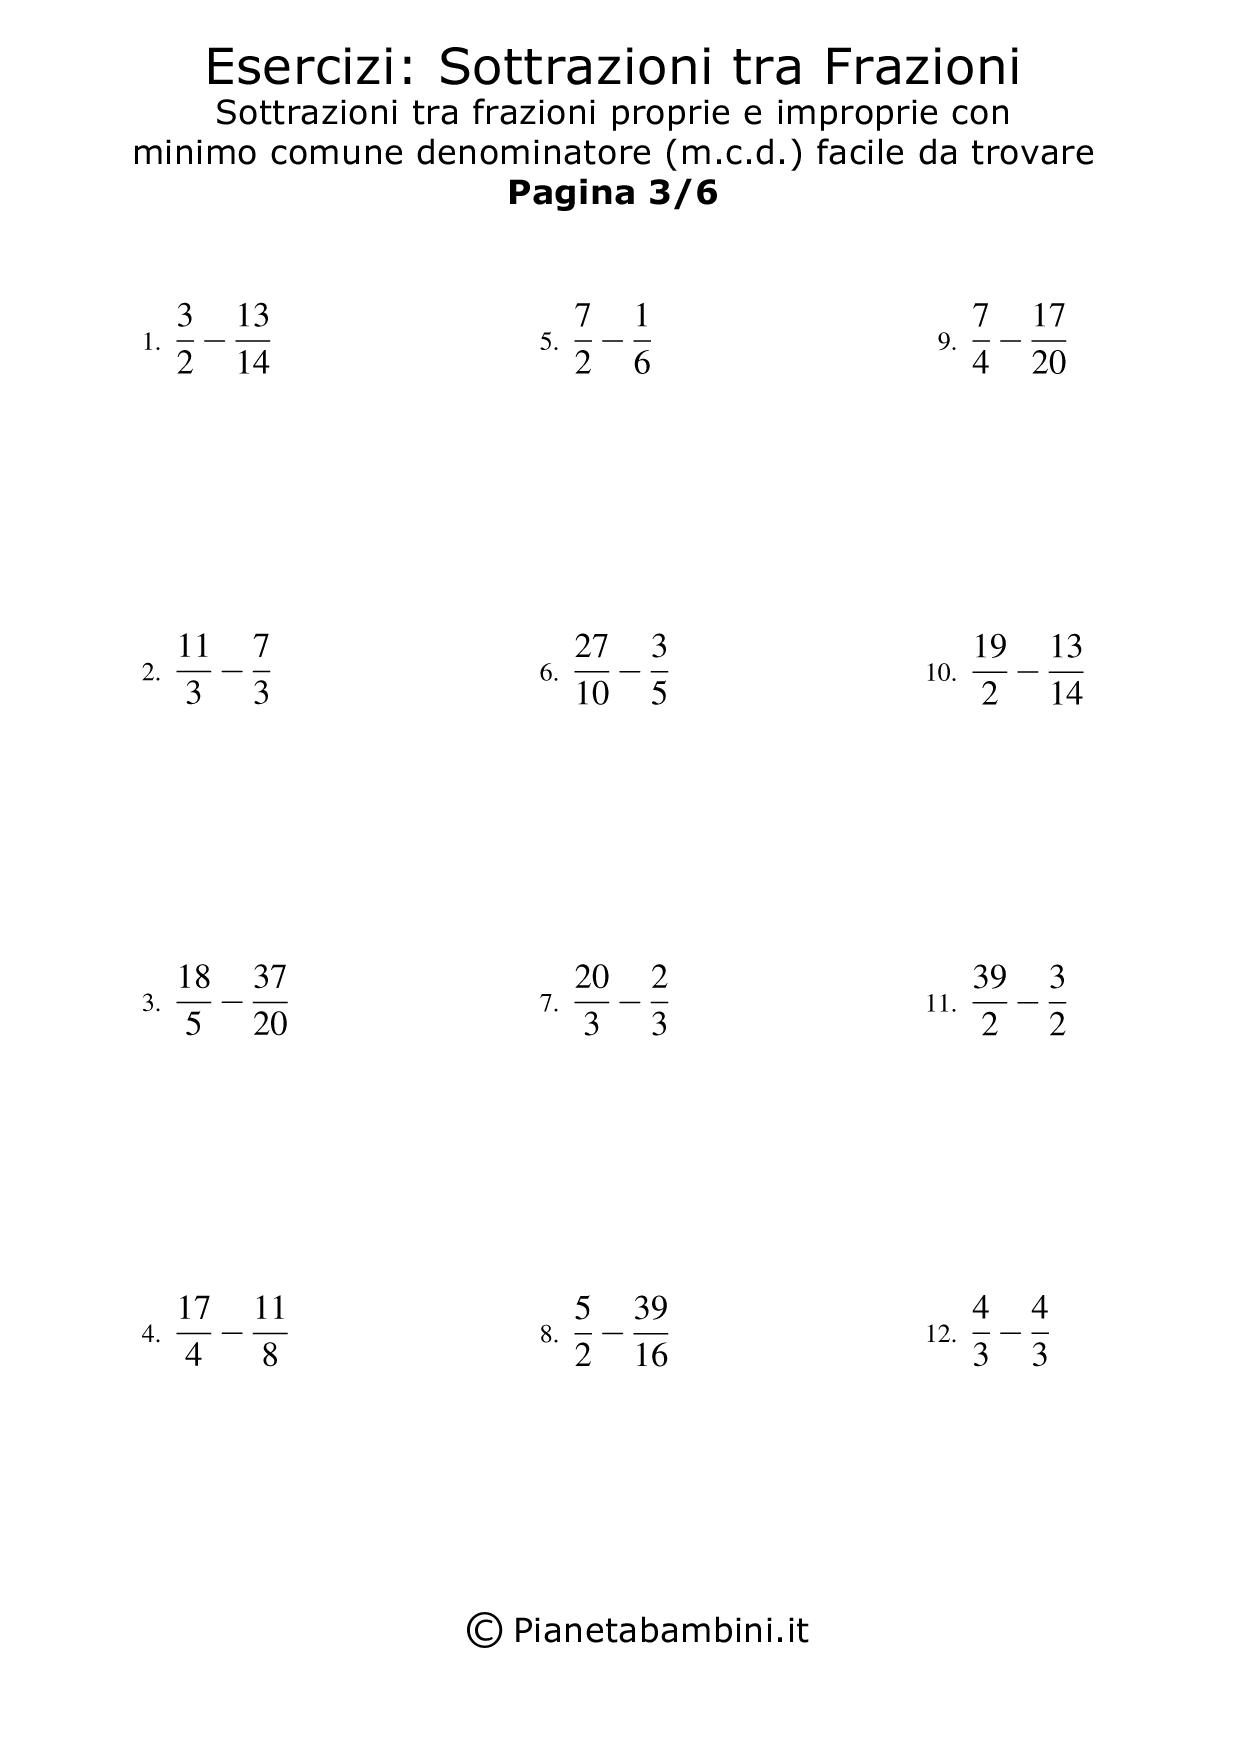 Sottrazioni-Frazioni-m.c.d.-Facile_3